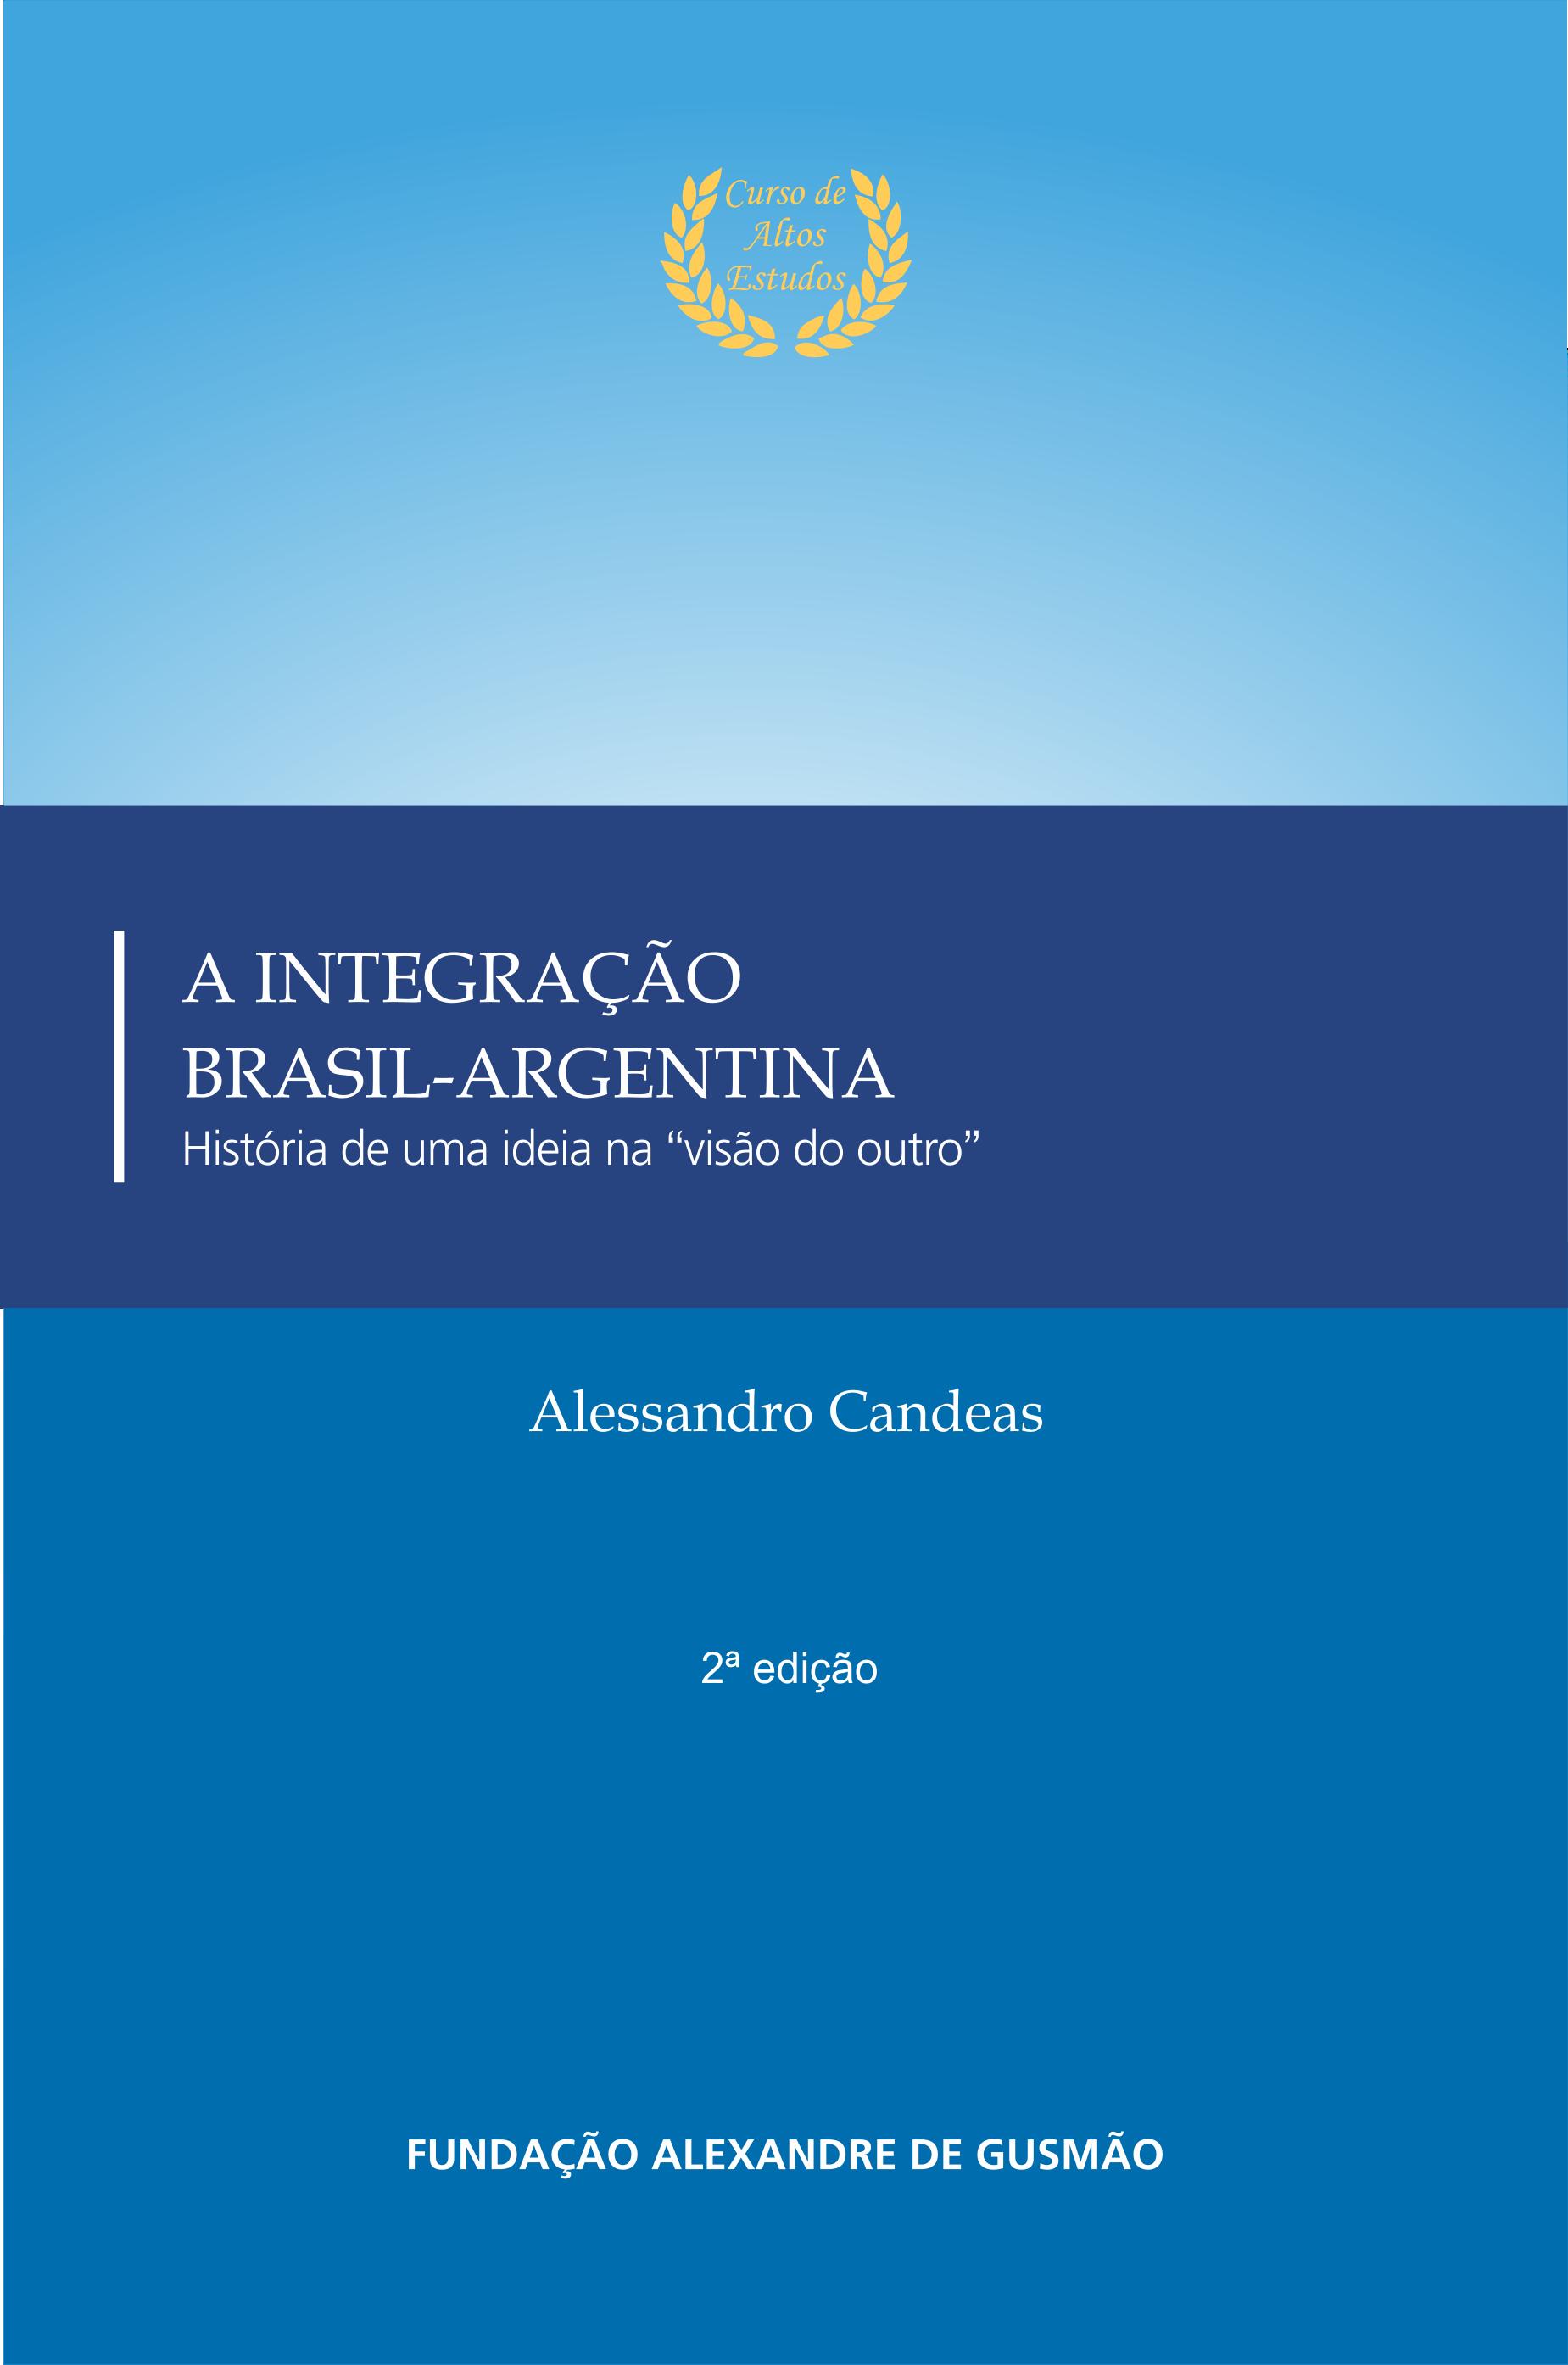 A Integração Brasil-Argentina - História de uma ideia na